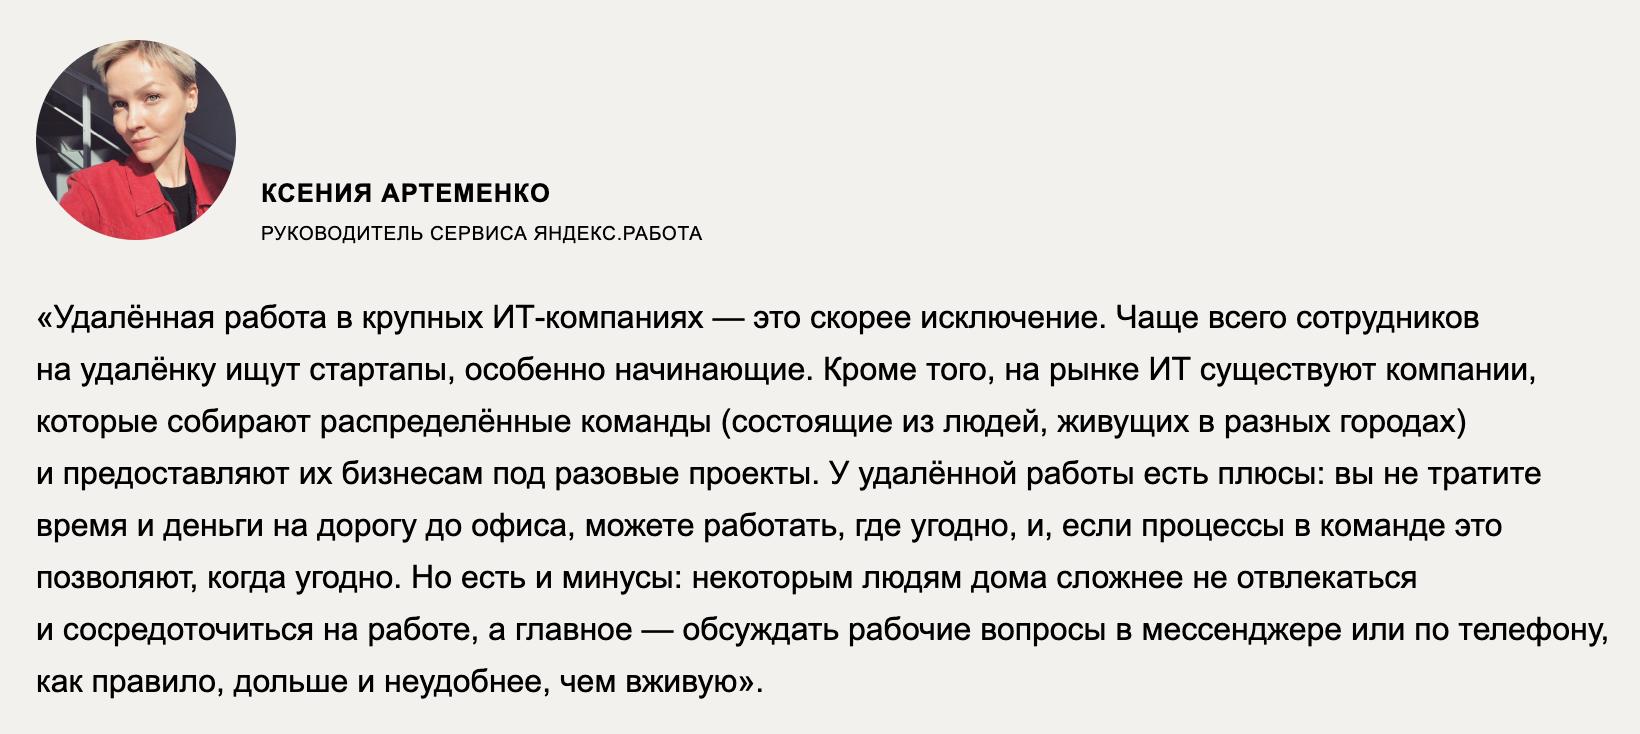 Яндекс опубликовал обзор рынка ИТ-вакансий - 6